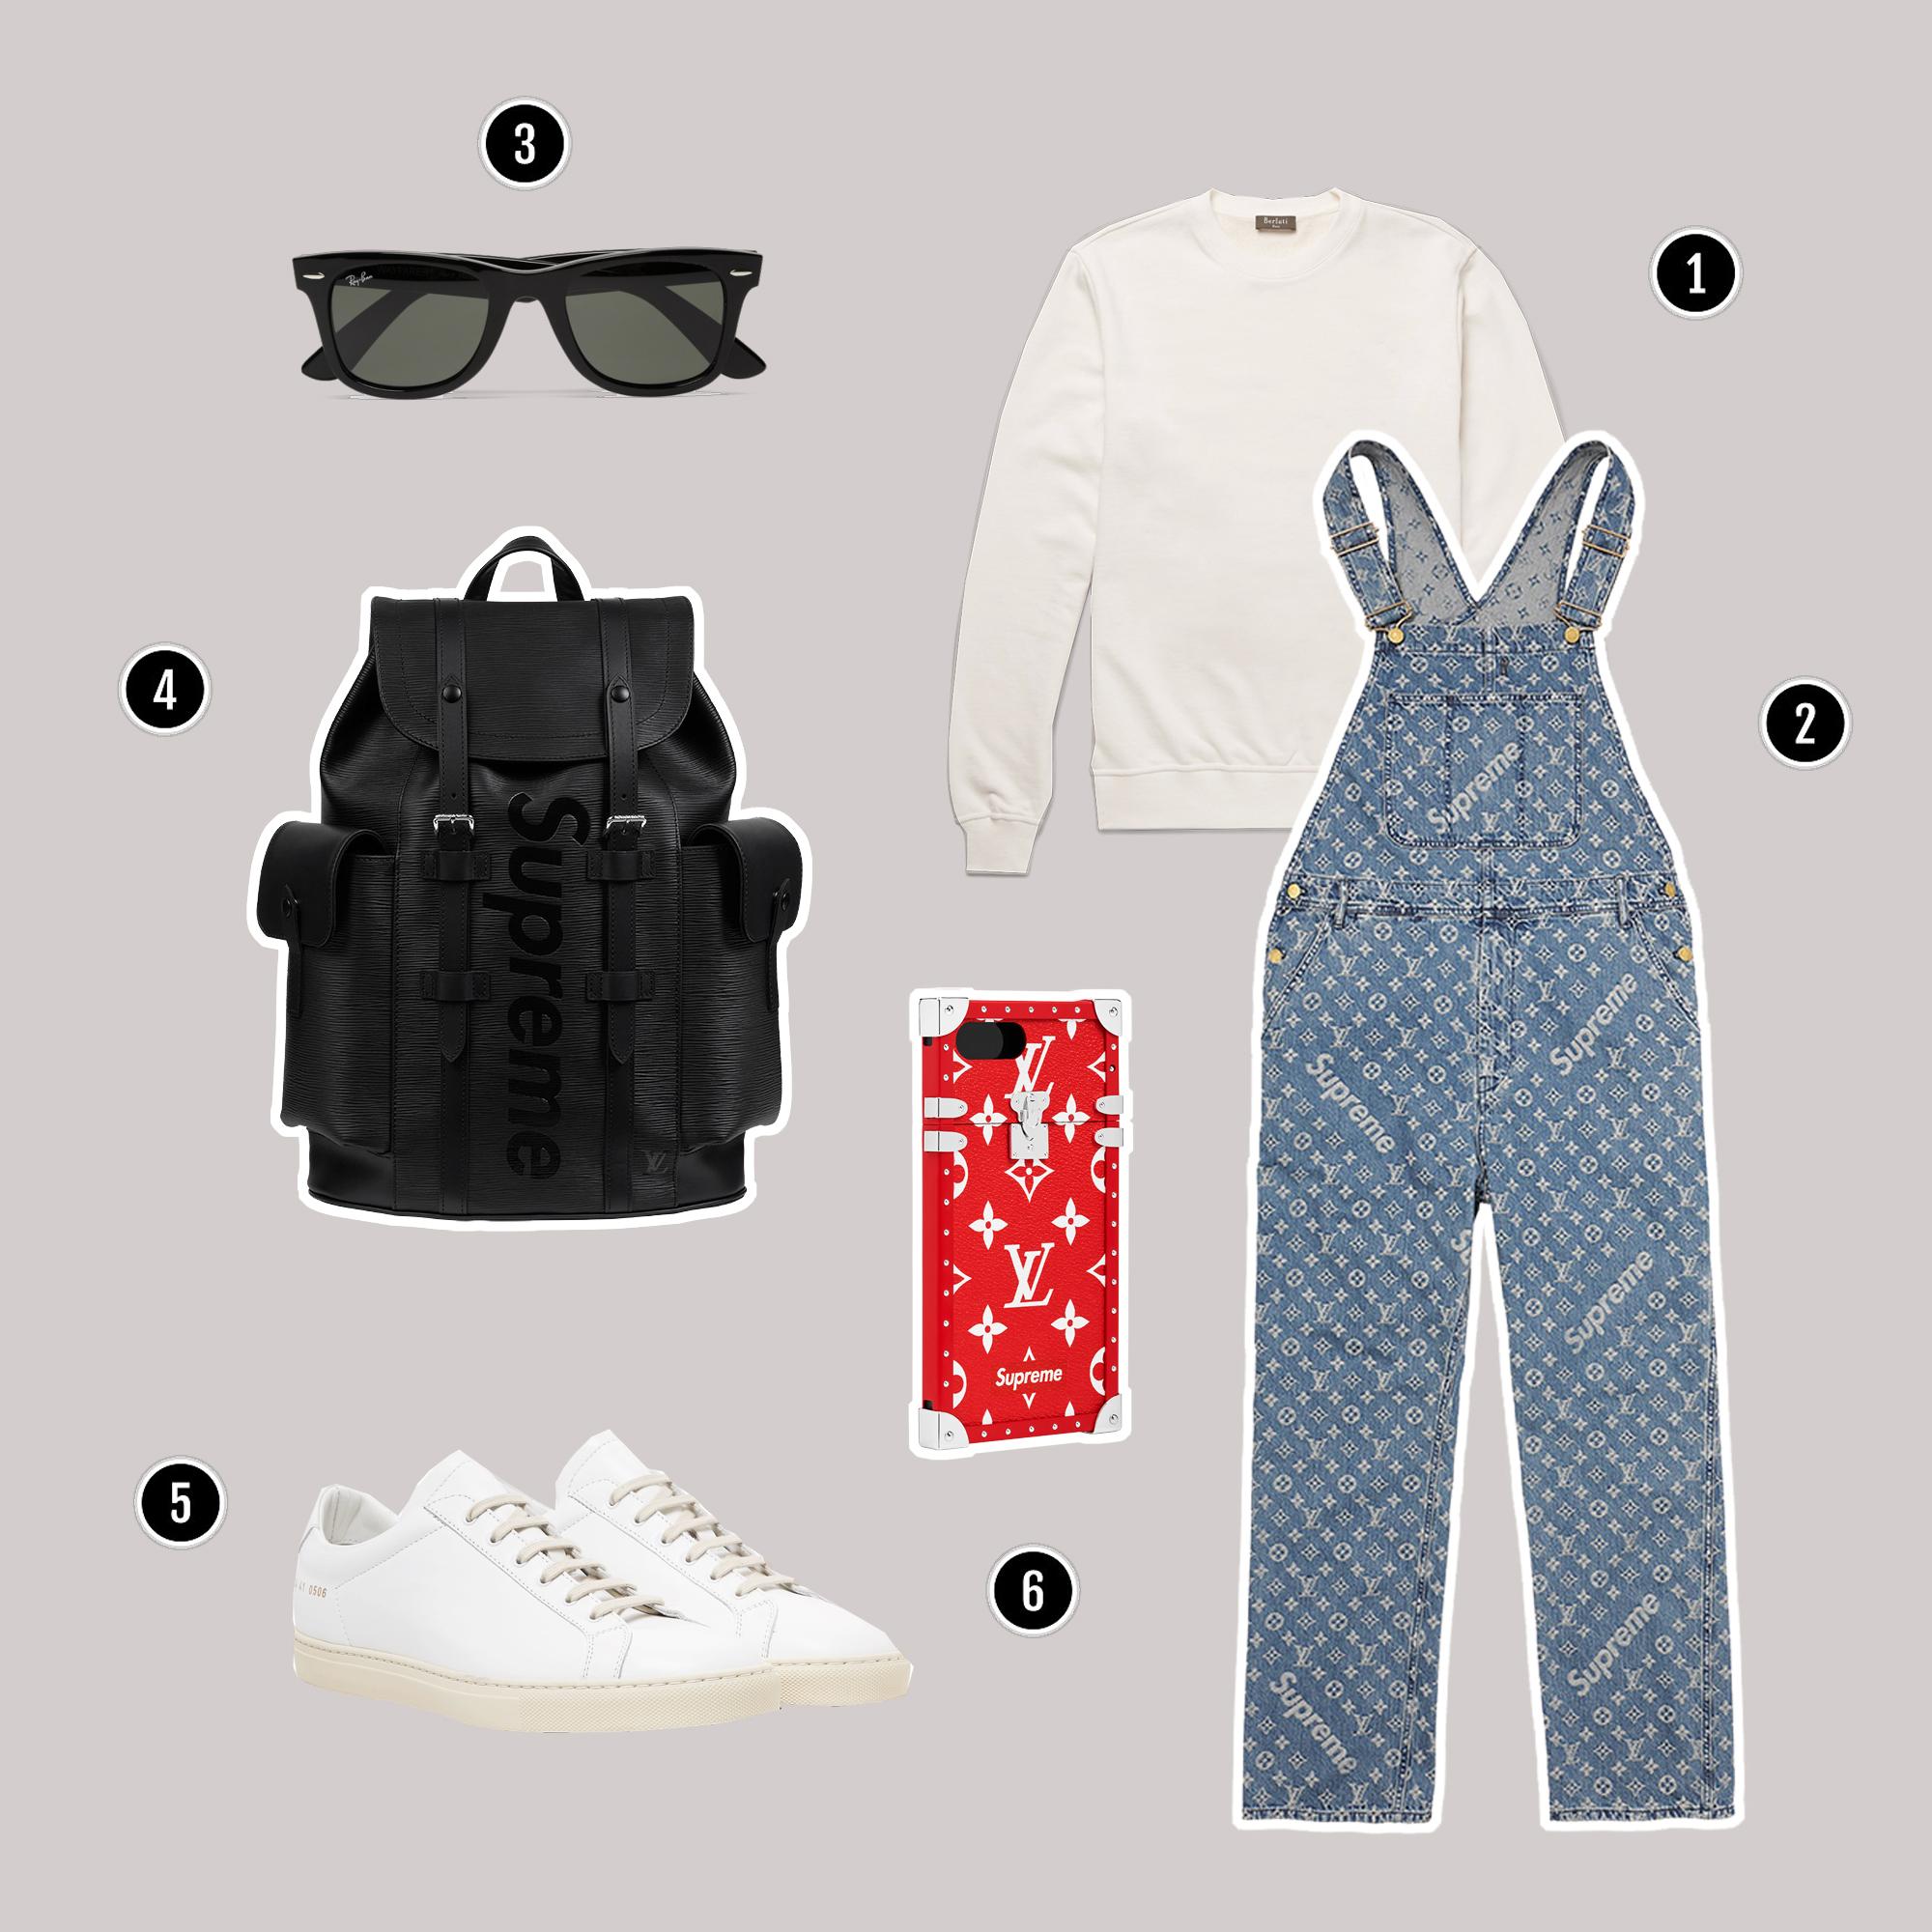 1.Áo : Berluti / 2. Overalls : Louis Vuitton x Supreme / 3. Kính : Rayban / 4. Túi : Louis Vuitton x Supreme / 5. Giày: Common Project / 6. Ốp điện thoại : Louis Vuitton x Supreme